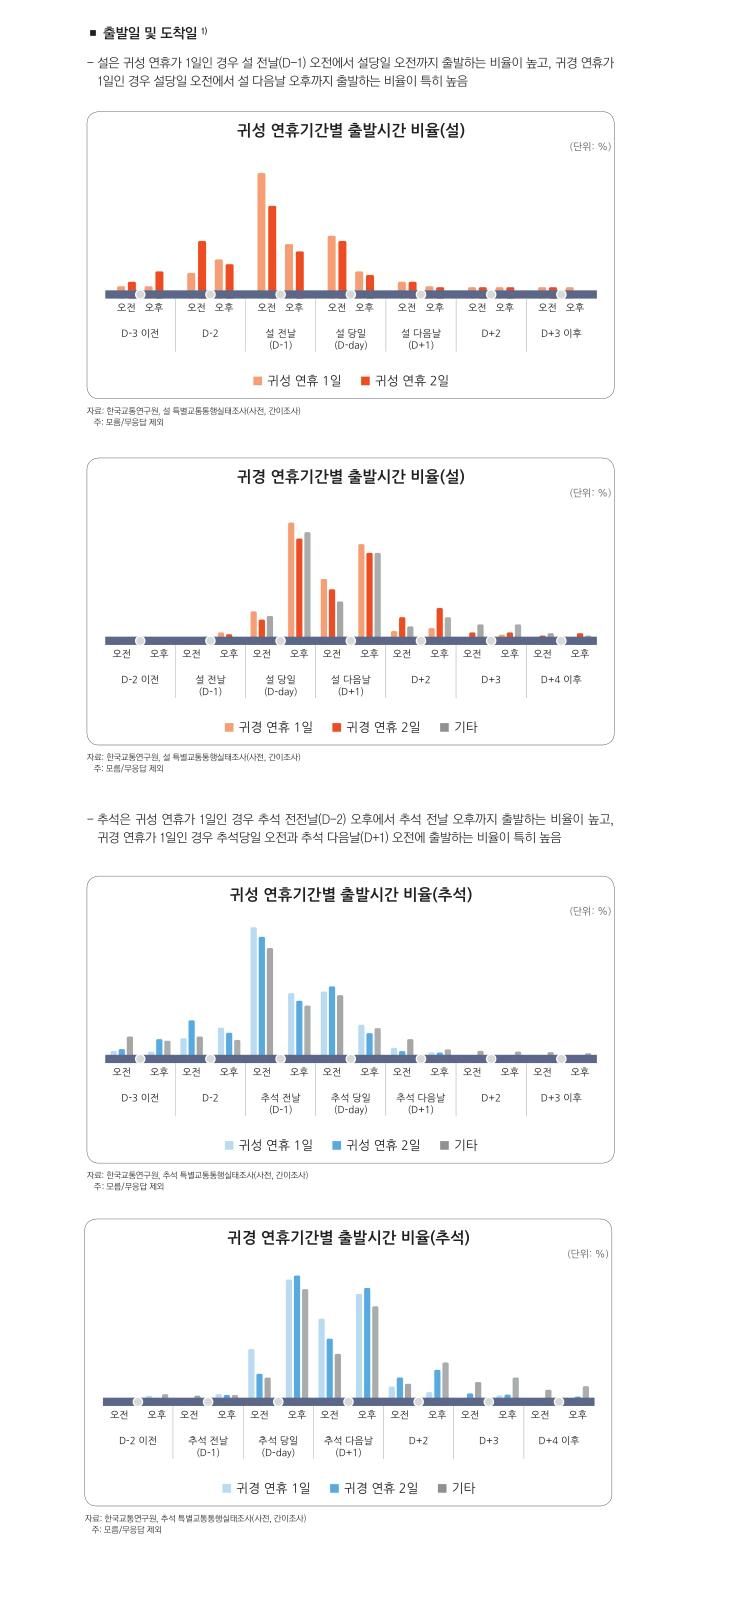 귀성, 귀경 연휴기간별 출발시간 비율